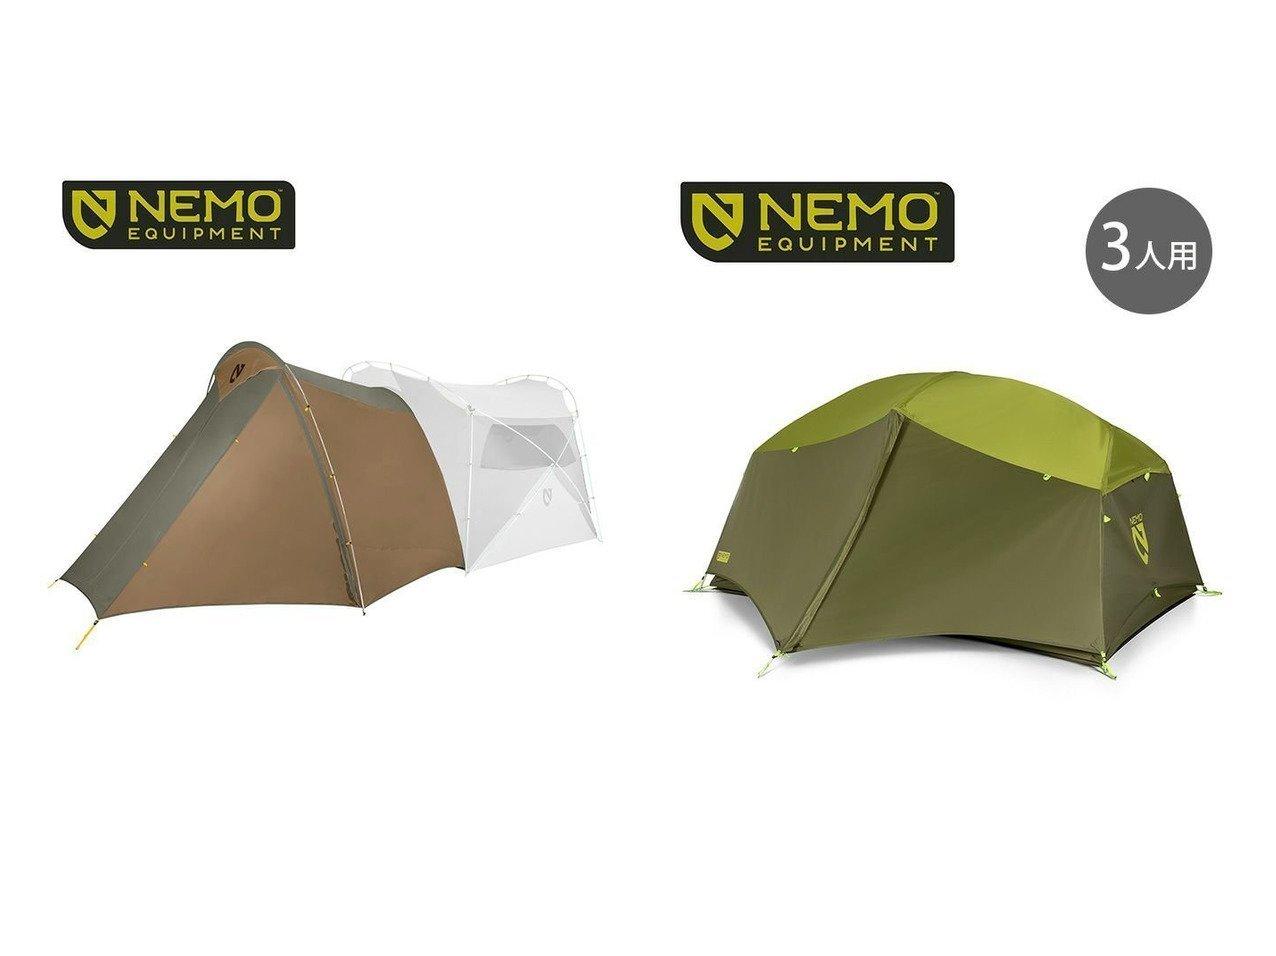 【NEMO Equipment/ニーモイクイップメント】のオーロラ 3P&ワゴントップガレージ おすすめ!人気キャンプ・アウトドア用品の通販 おすすめファッション通販アイテム インテリア・キッズ・メンズ・レディースファッション・服の通販 founy(ファニー)  ファッション Fashion メンズファッション MEN インナー シェイプ スクエア ポケット メッシュ |ID:crp329100000037457